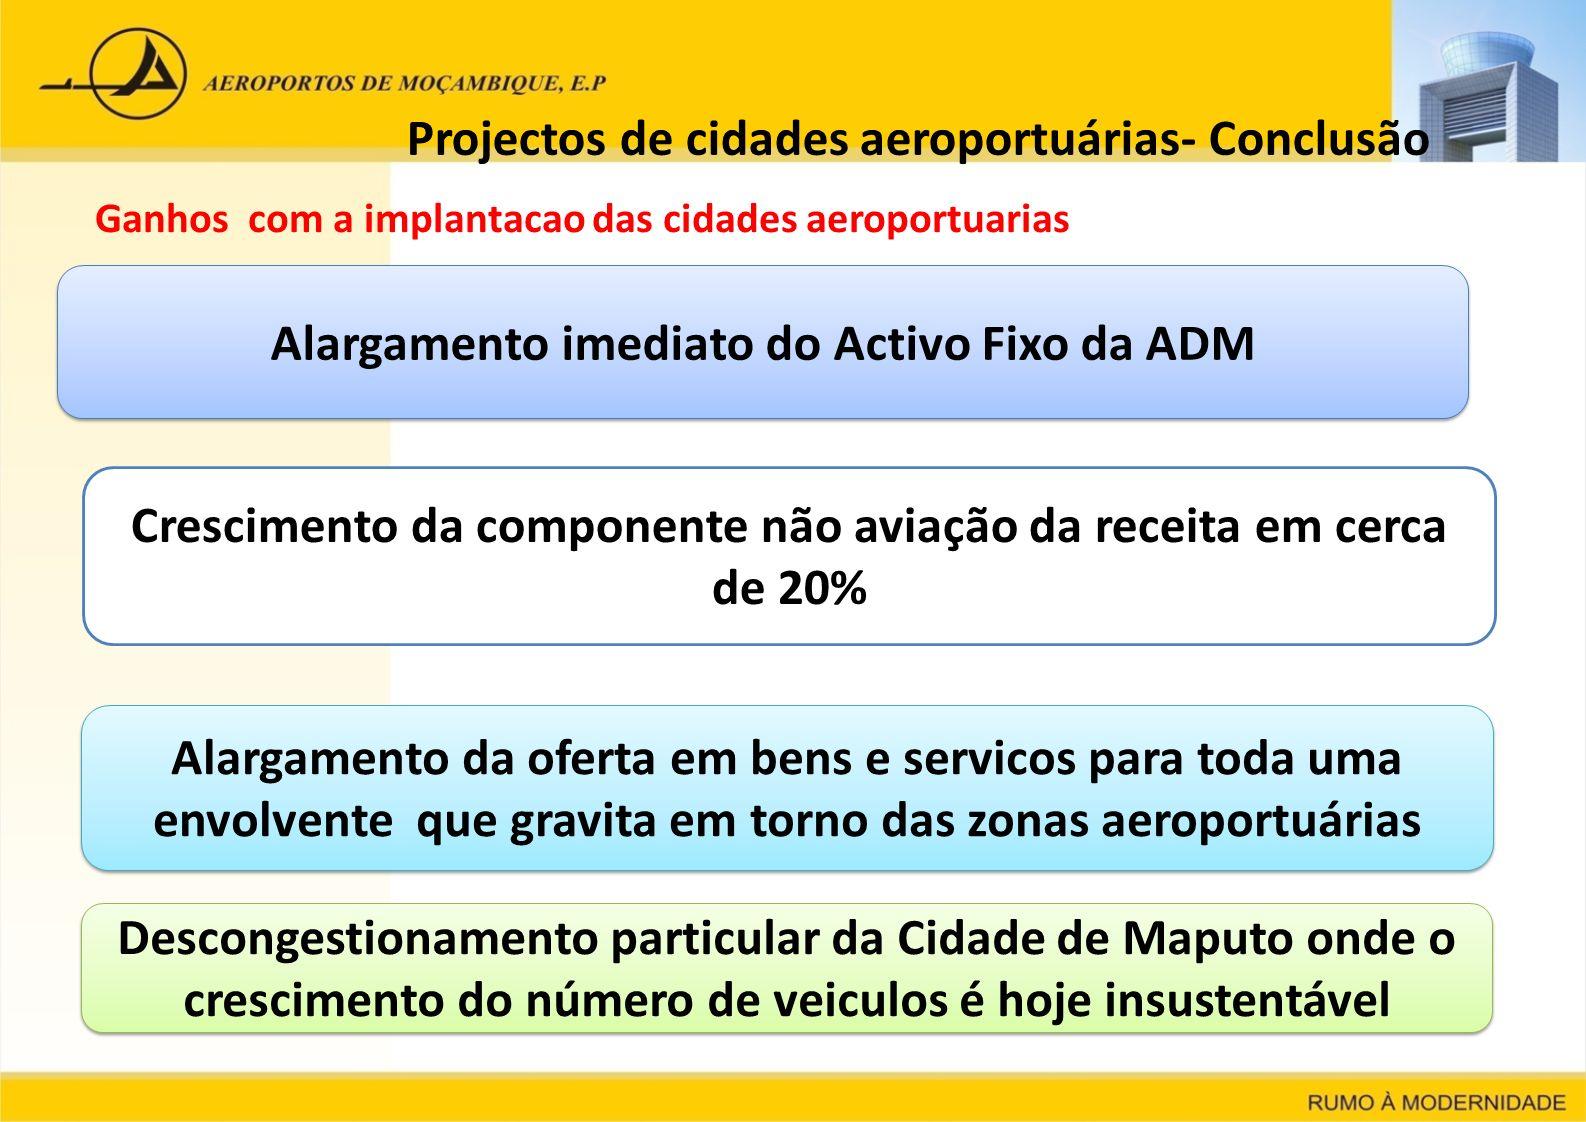 Projectos de cidades aeroportuárias- Conclusão